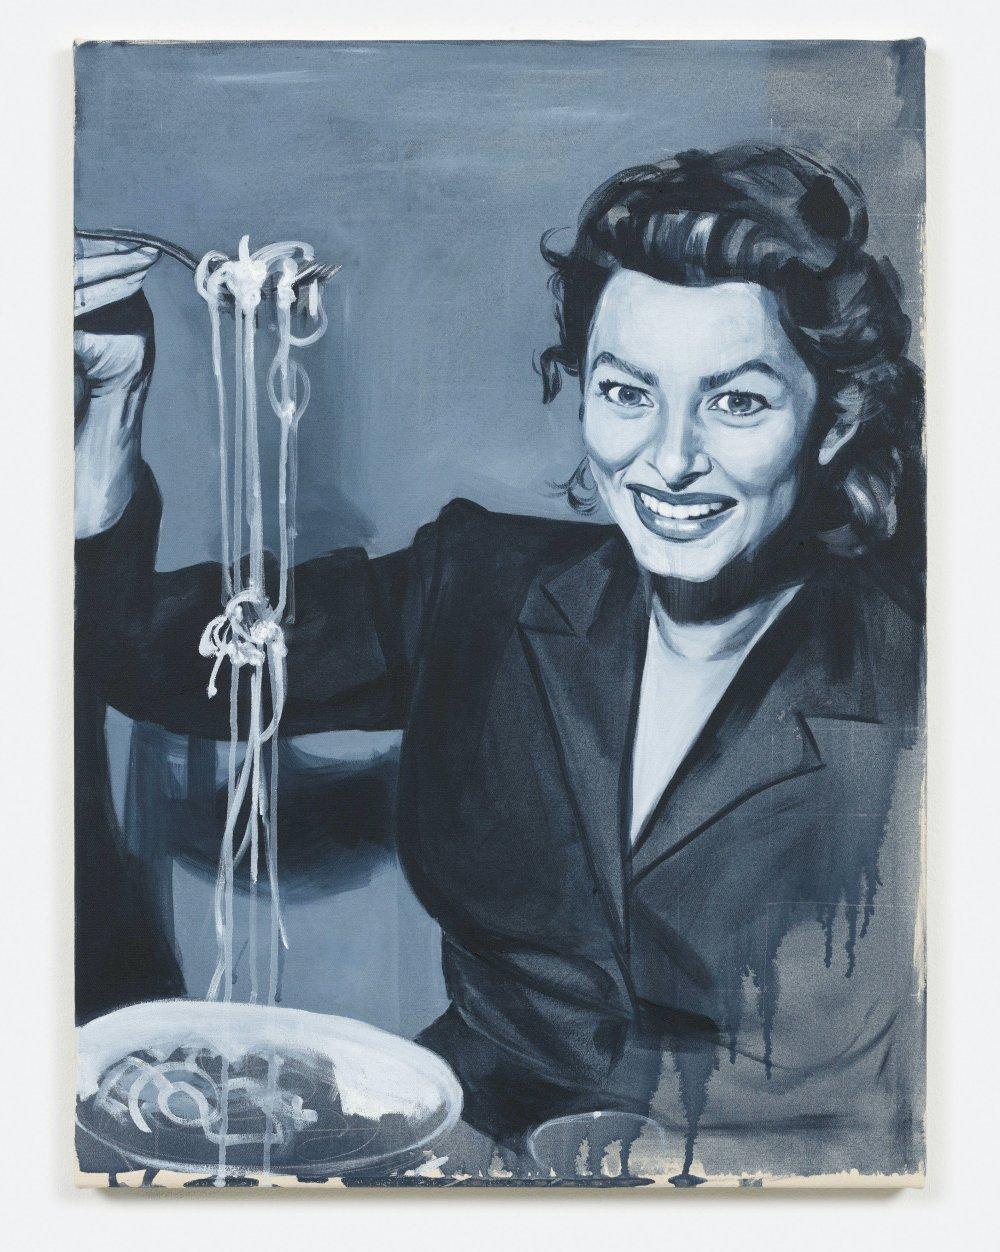 Nudeltisch (Spaghetti remix)